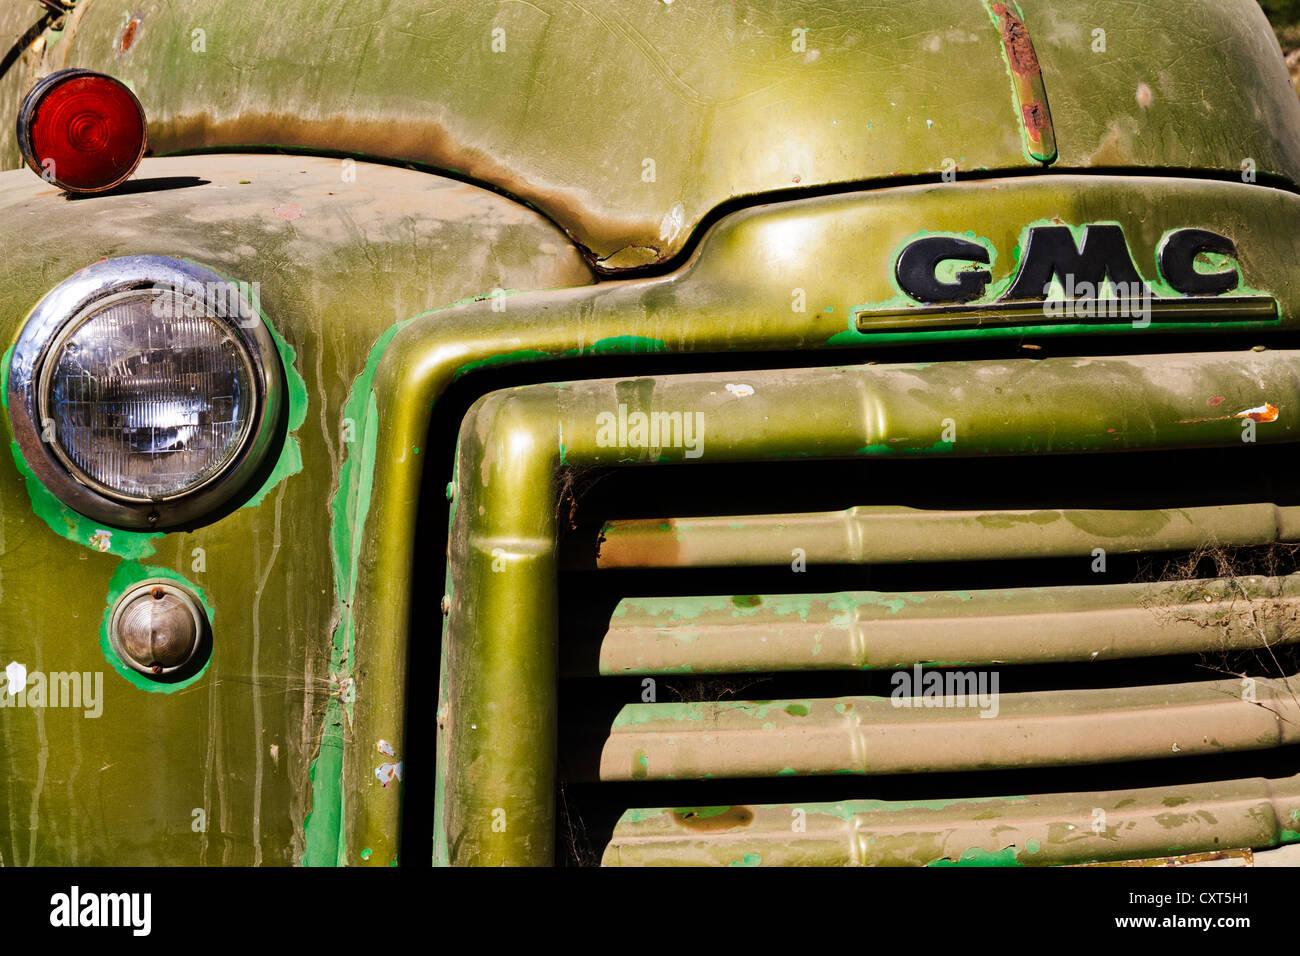 Cerca de la parte delantera del camión granja GMC vintage. Foto de stock